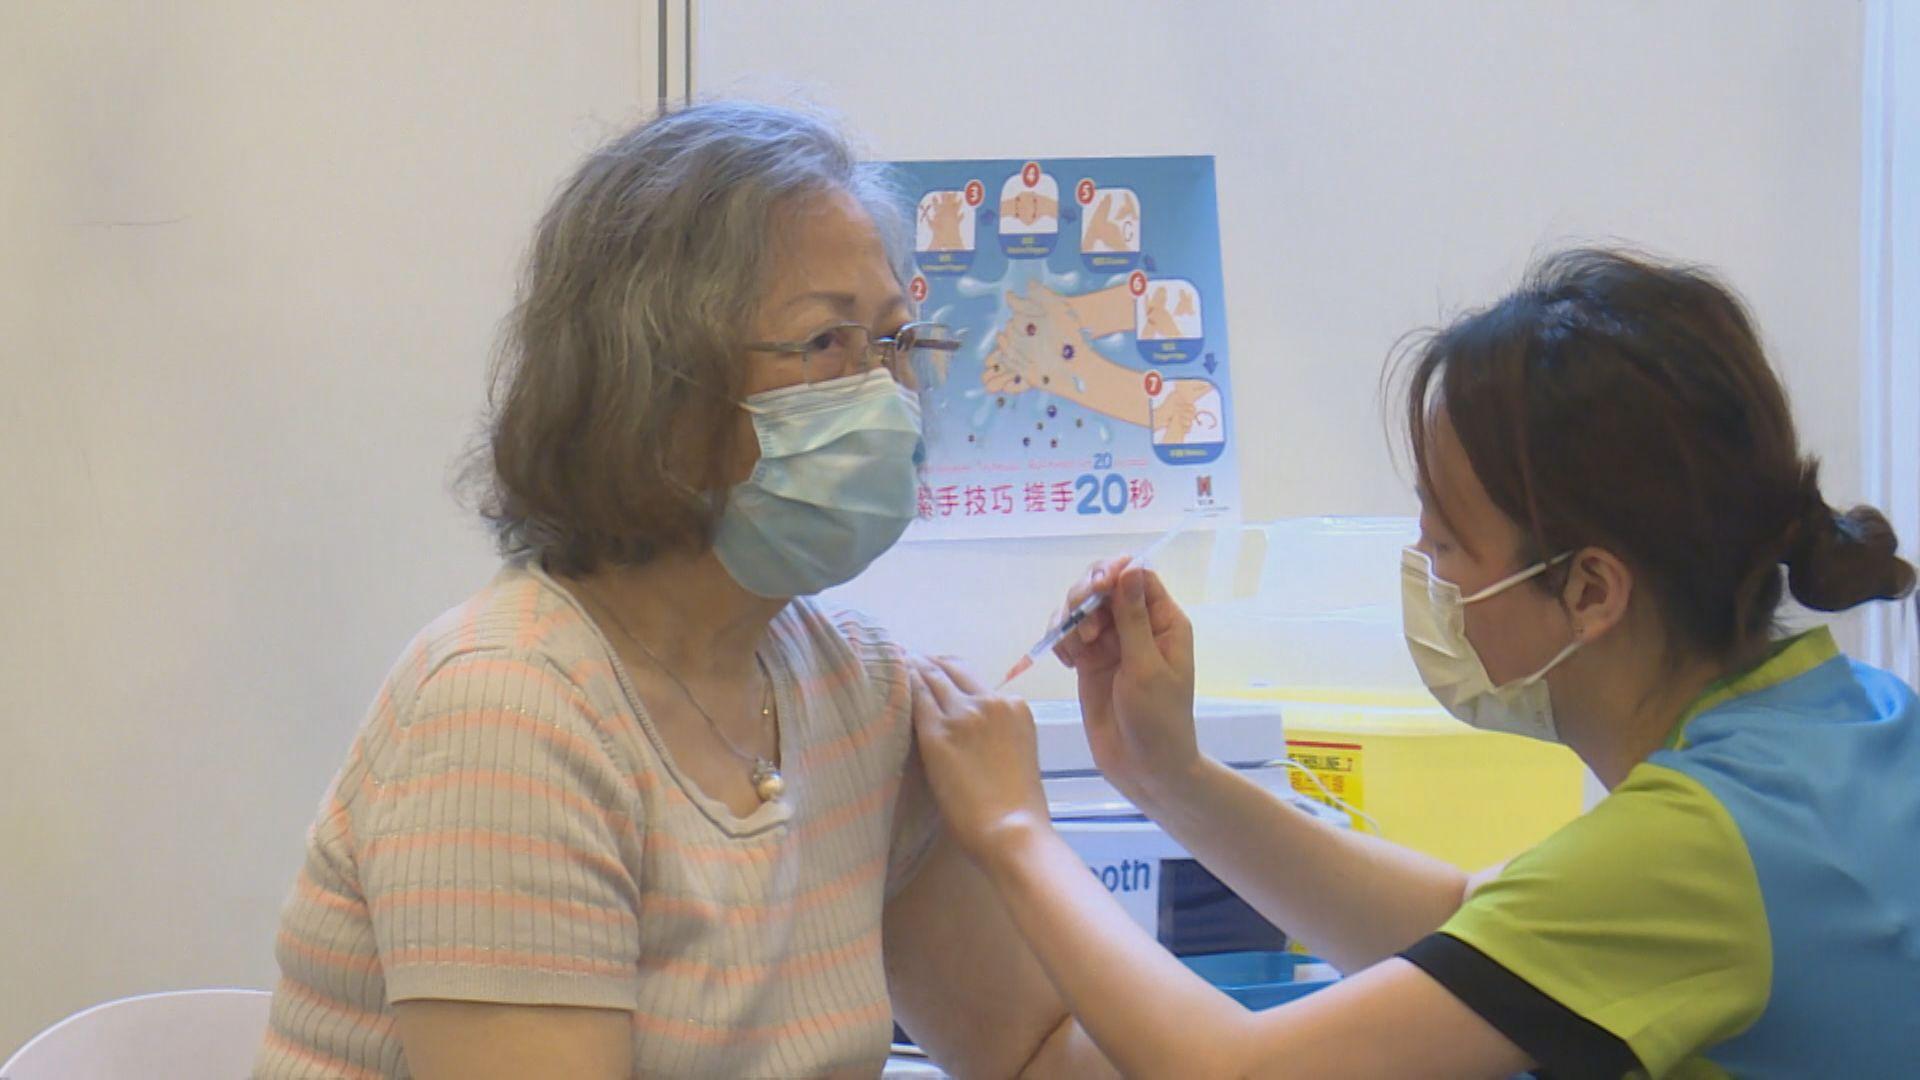 周四起70歲或以上長者可領即日籌接種新冠疫苗